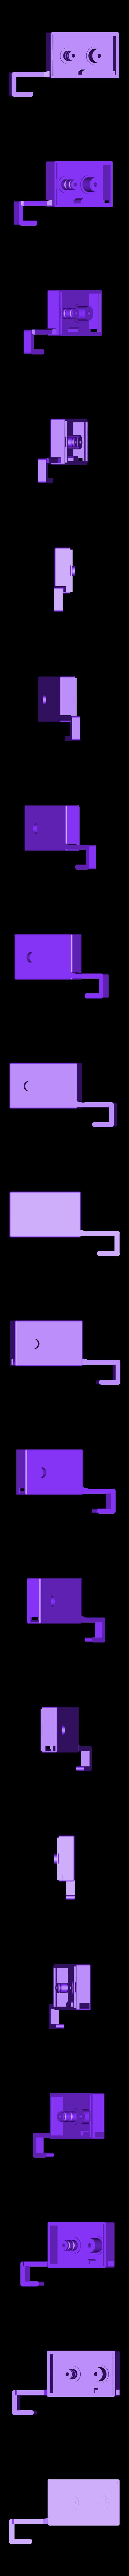 Tresor_V1.2-GehaeuseUnterteil.stl Télécharger fichier STL gratuit Comment transformer une armoire de cuisine à deux portes en coffre-fort ? • Plan à imprimer en 3D, dede67